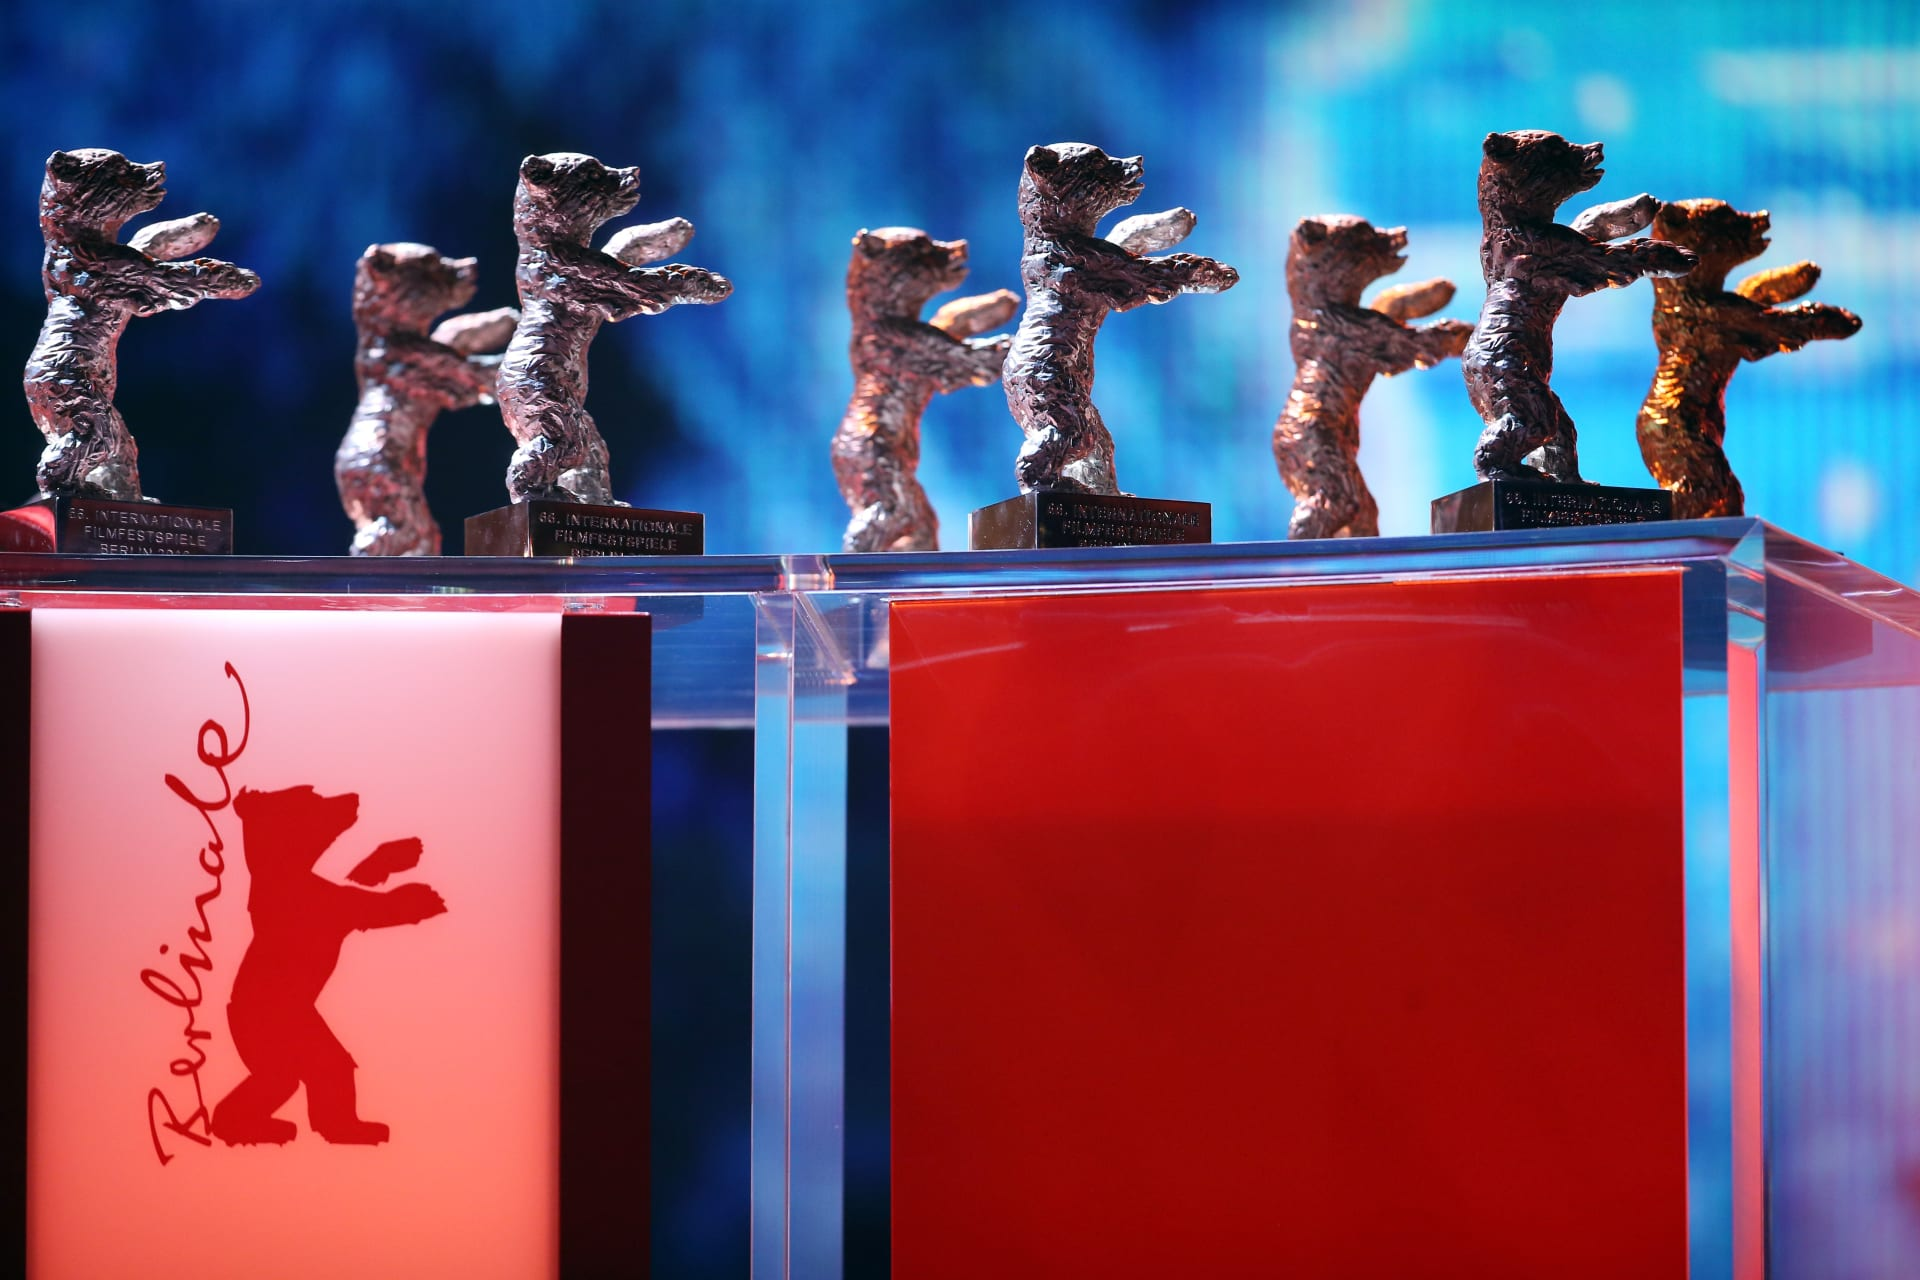 مهرجان برلين السينمائي.. الدب الذهبي لفيلم حول اللجوء إلى أوروبا و6 أفلام عربية تحصد أهم الجوائز